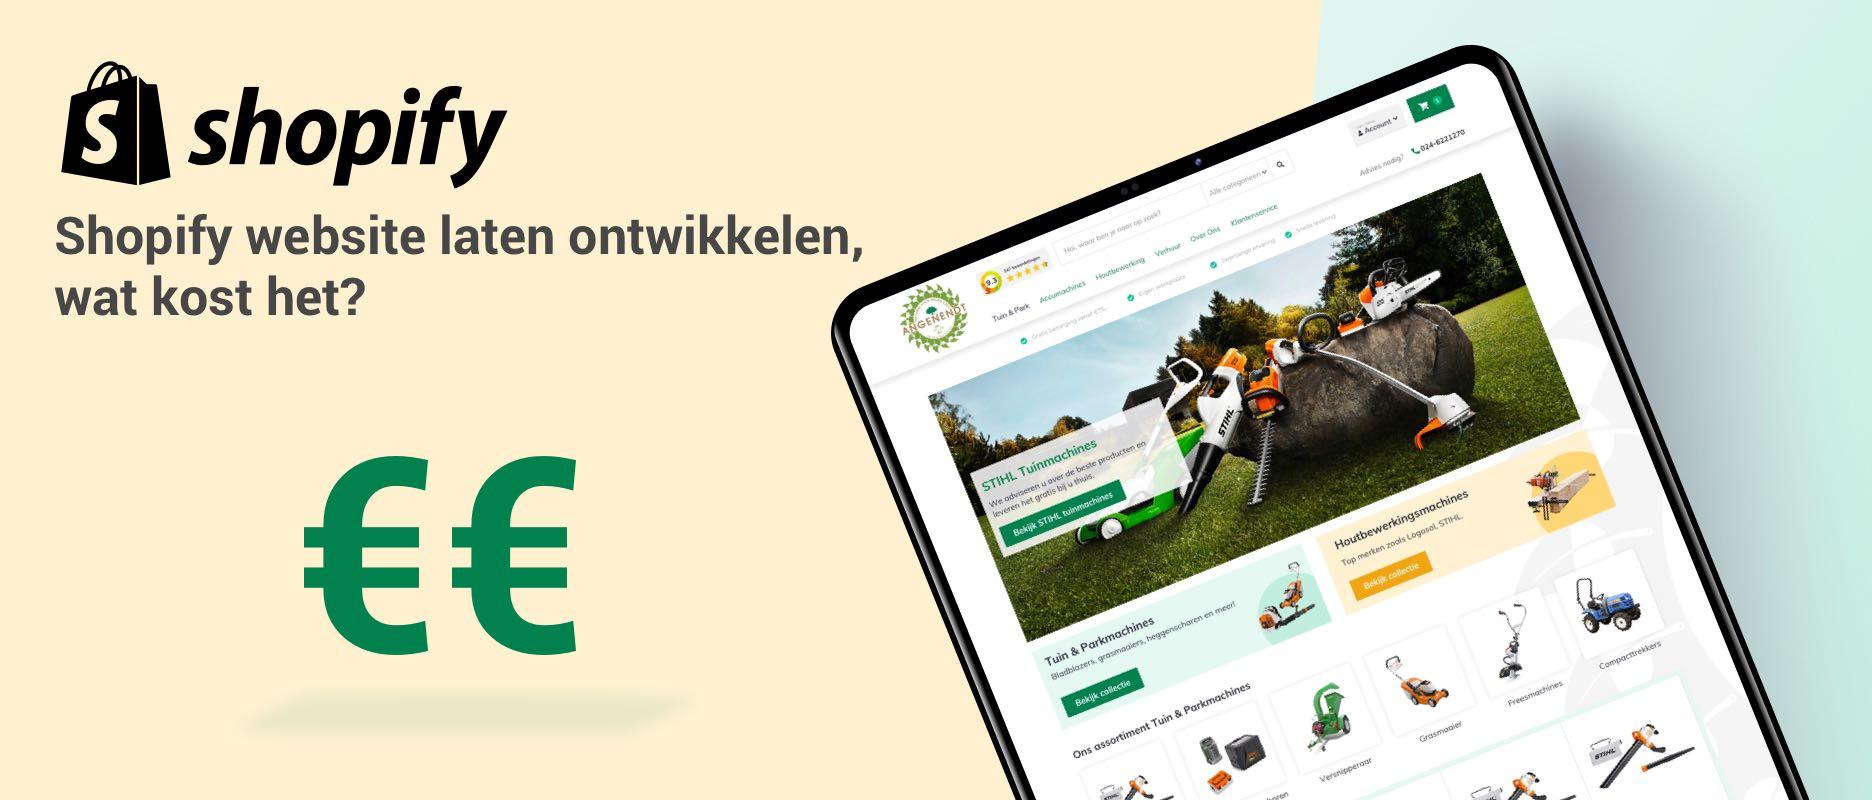 Shopify webshop laten maken, wat zijn de kosten?